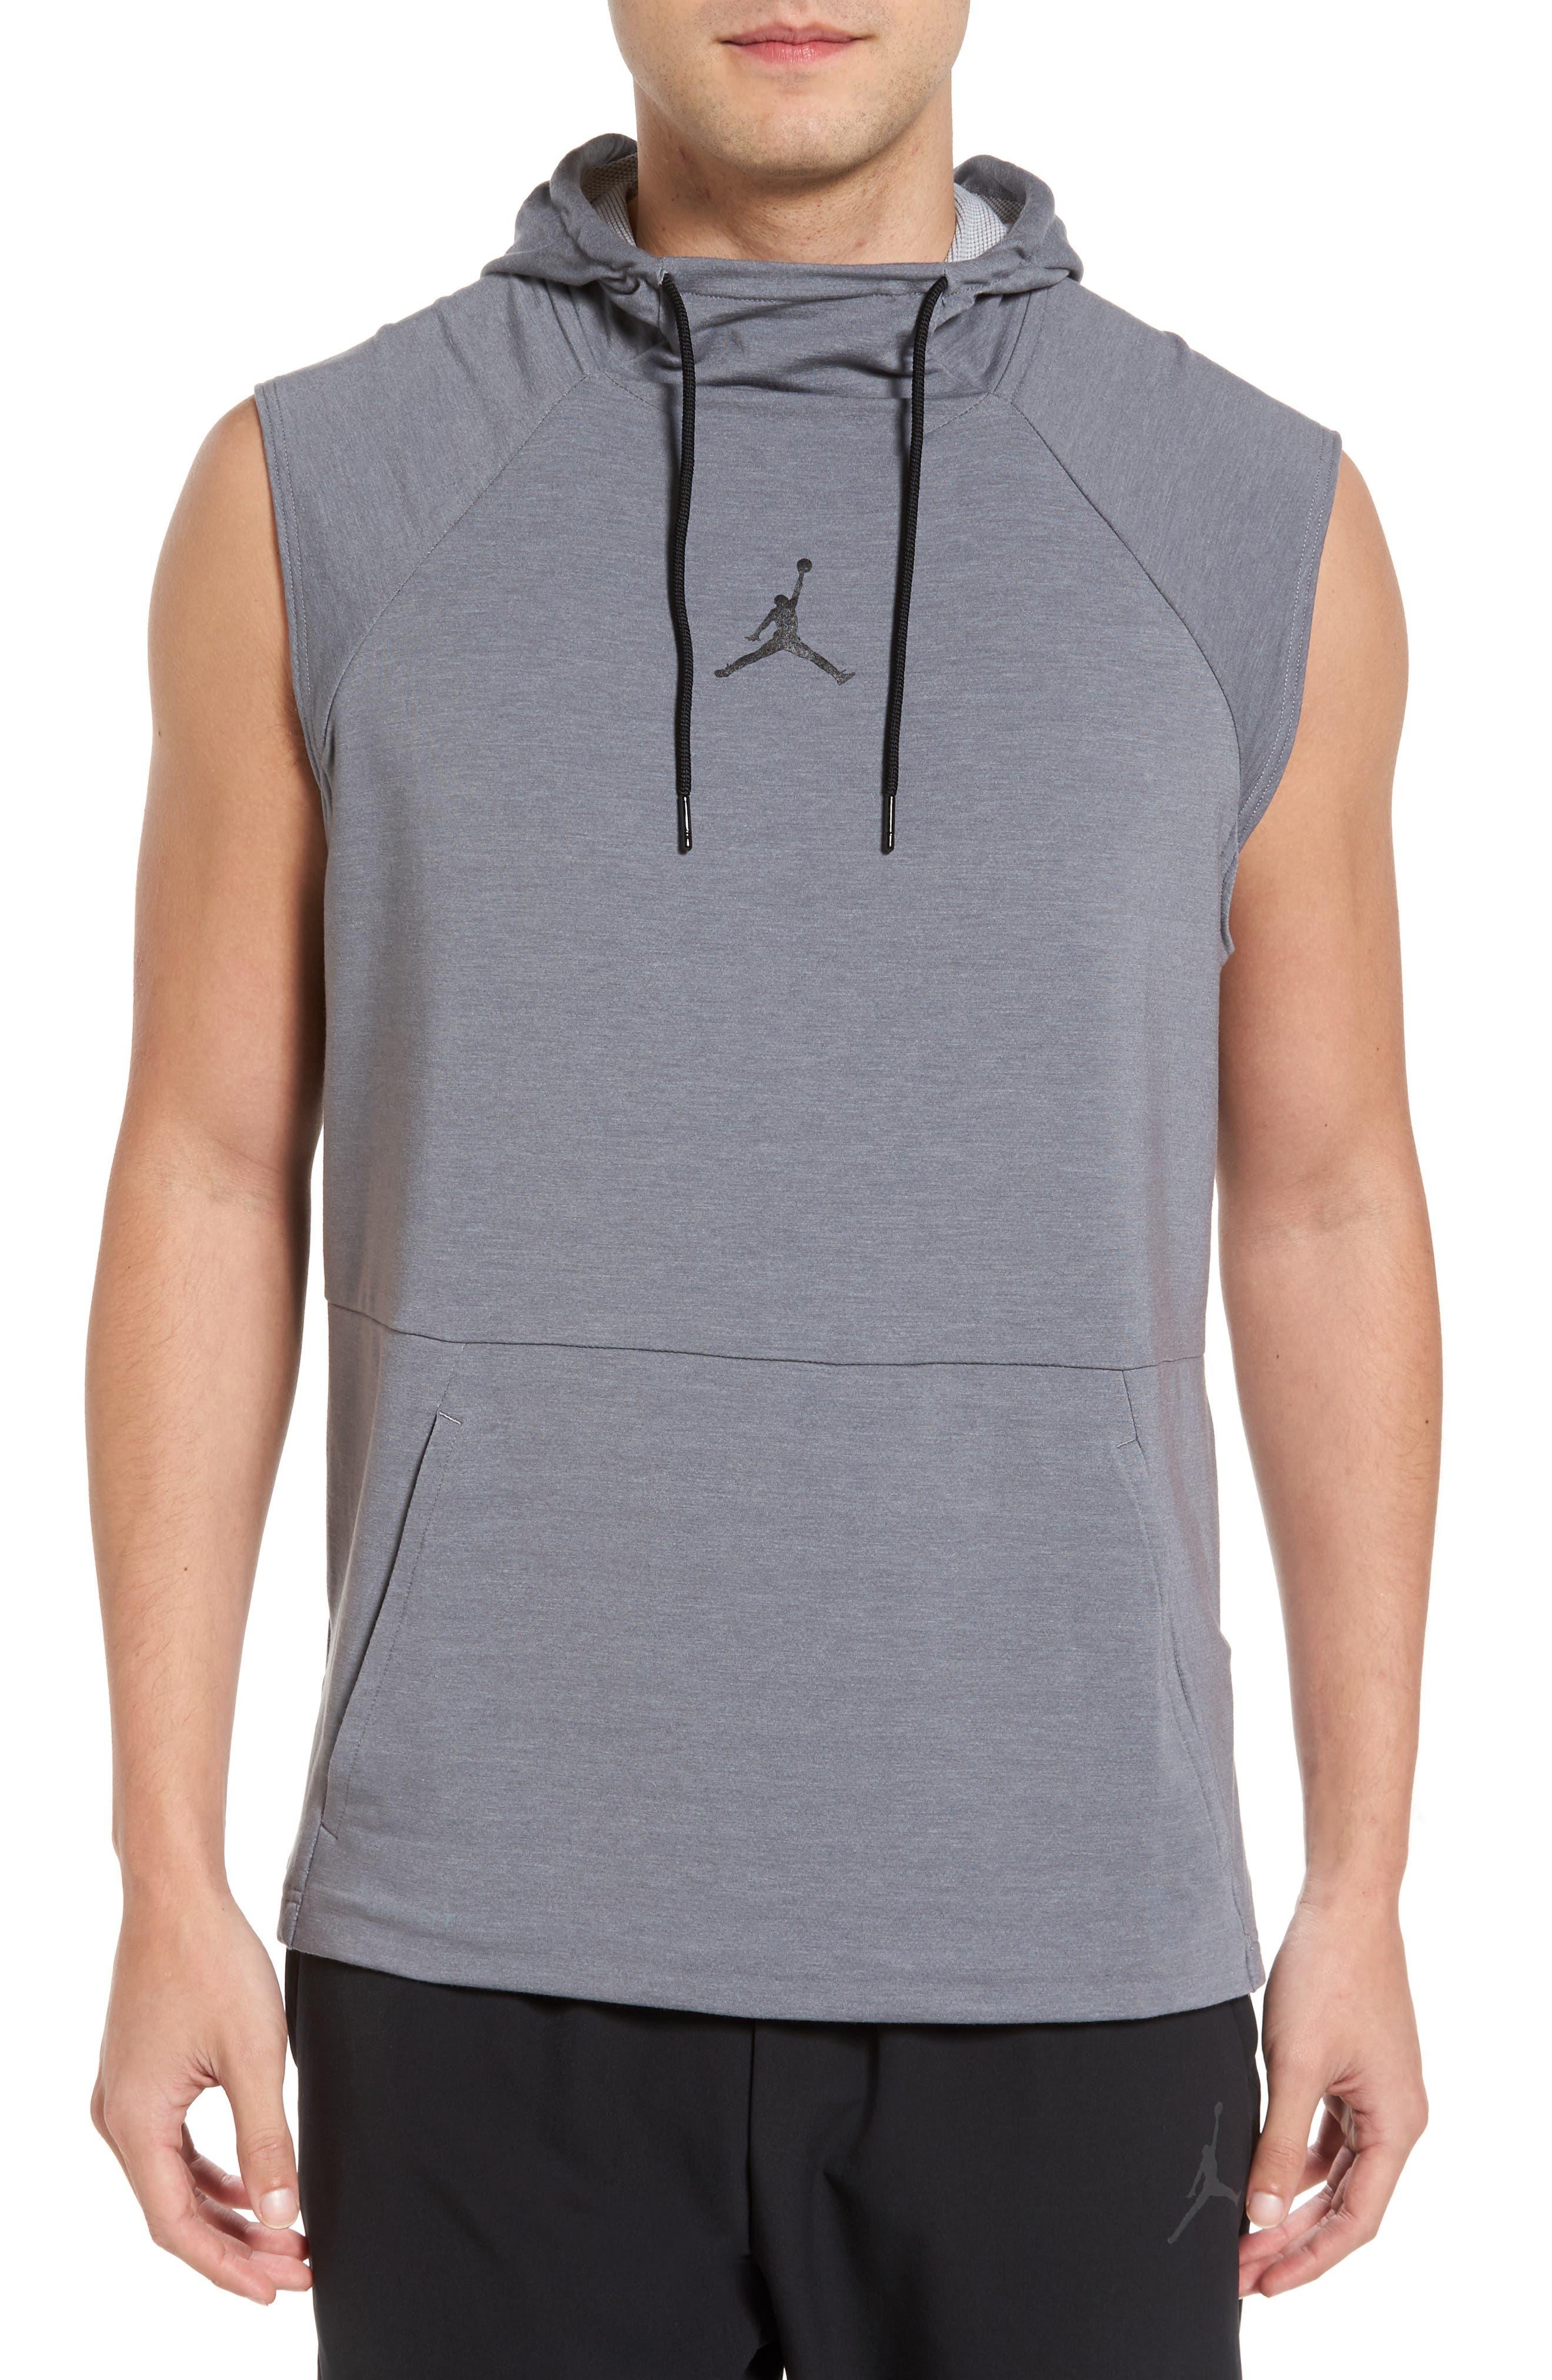 Nike Jordan 23 Tech Sphere Sleeveless Training Hoodie